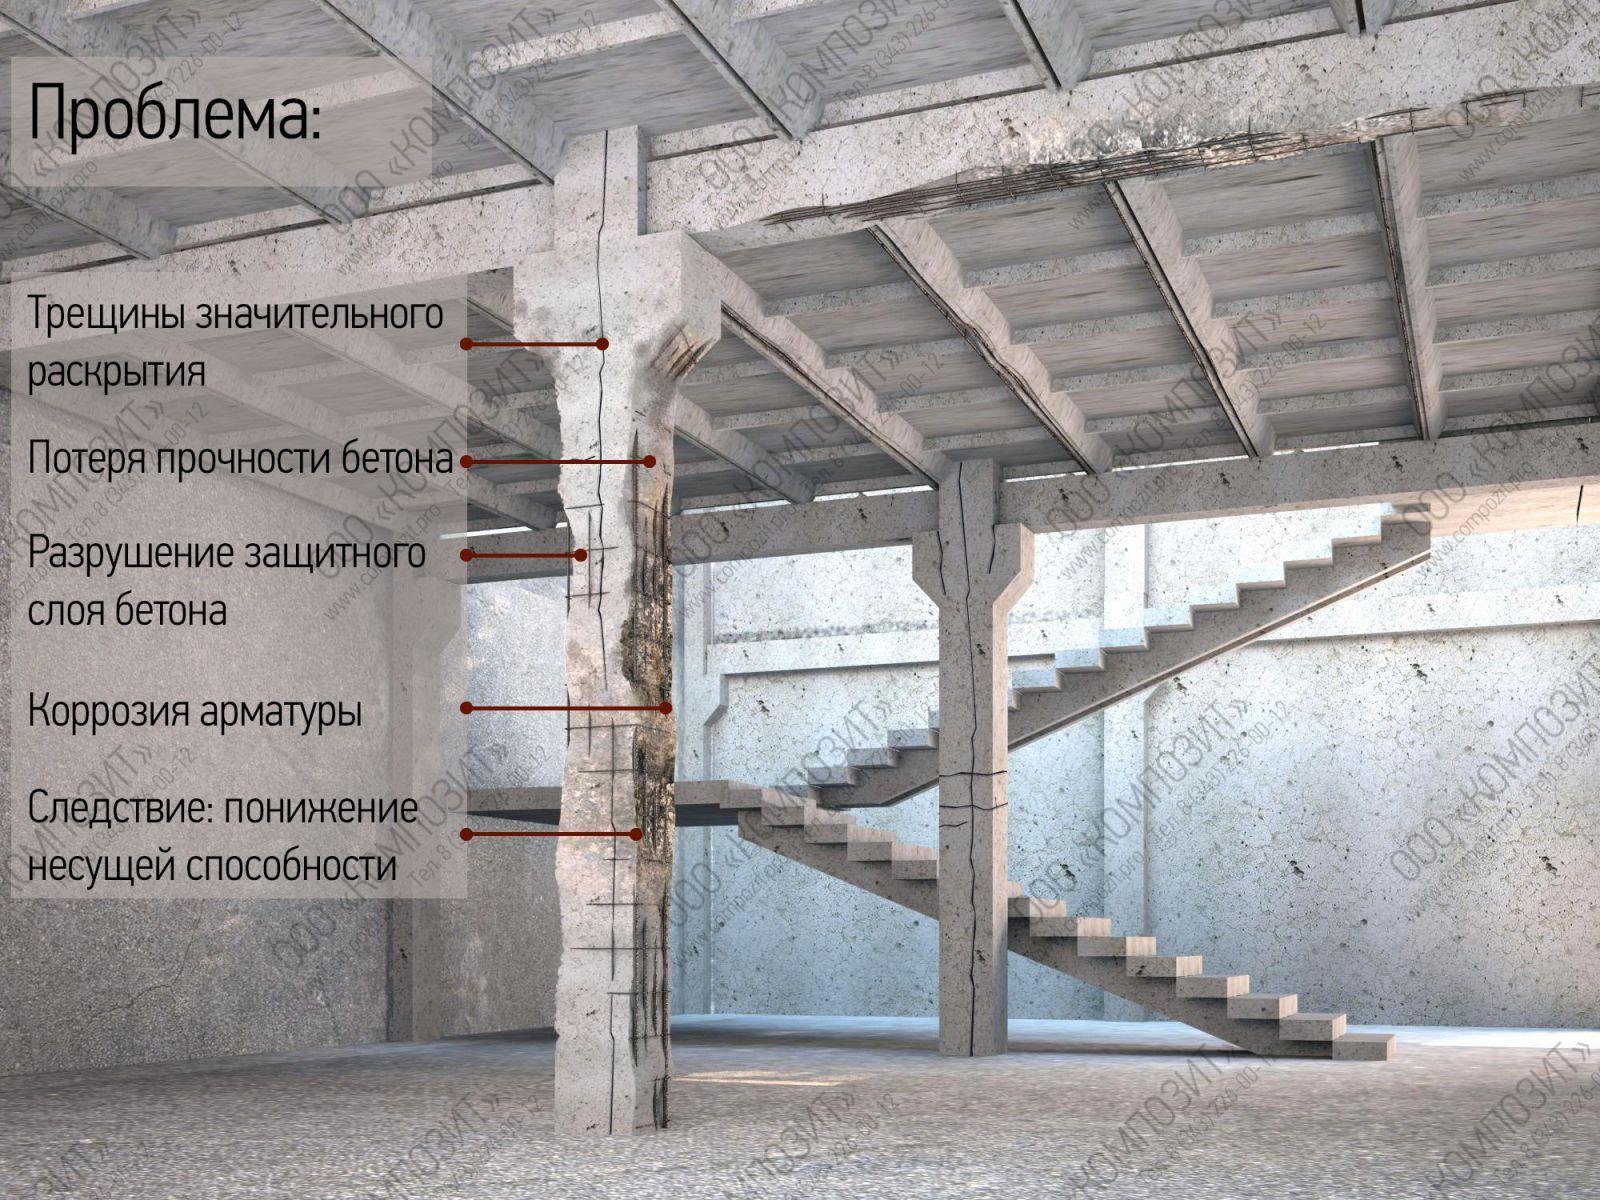 Усиление бетона арматурой бетон воздухововлечение